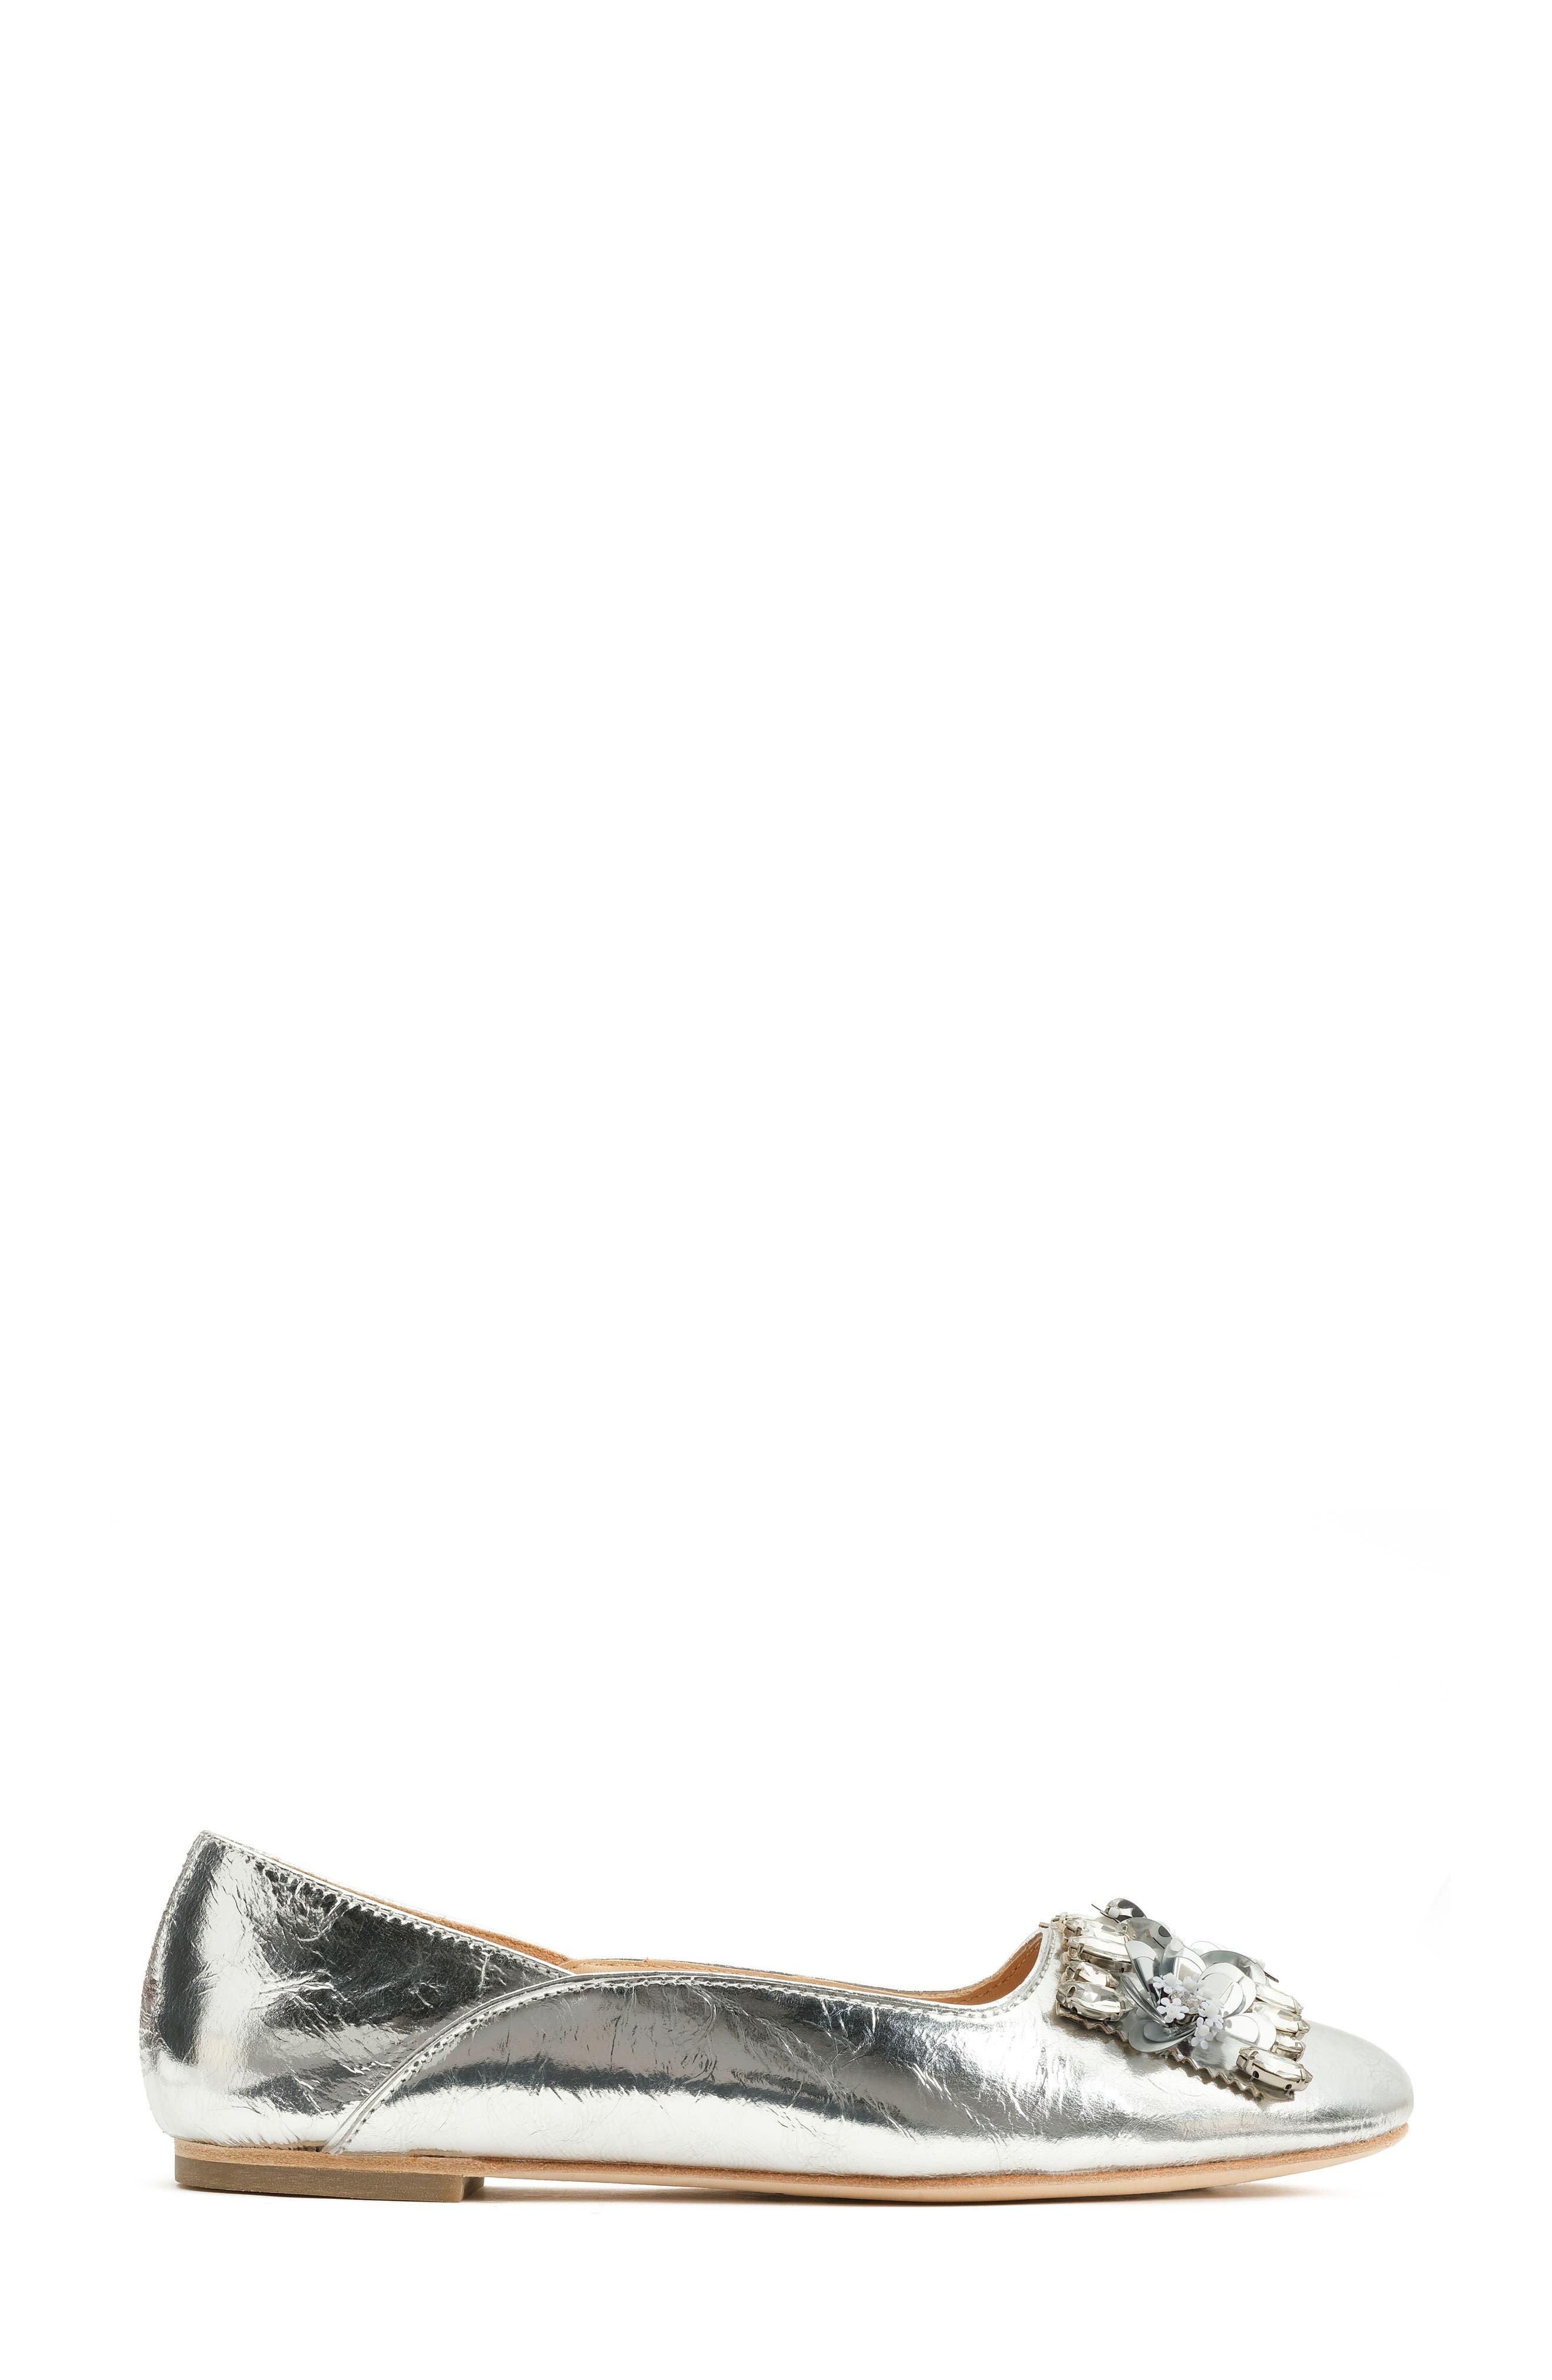 Aurey Embellished Ballet Flat,                             Alternate thumbnail 6, color,